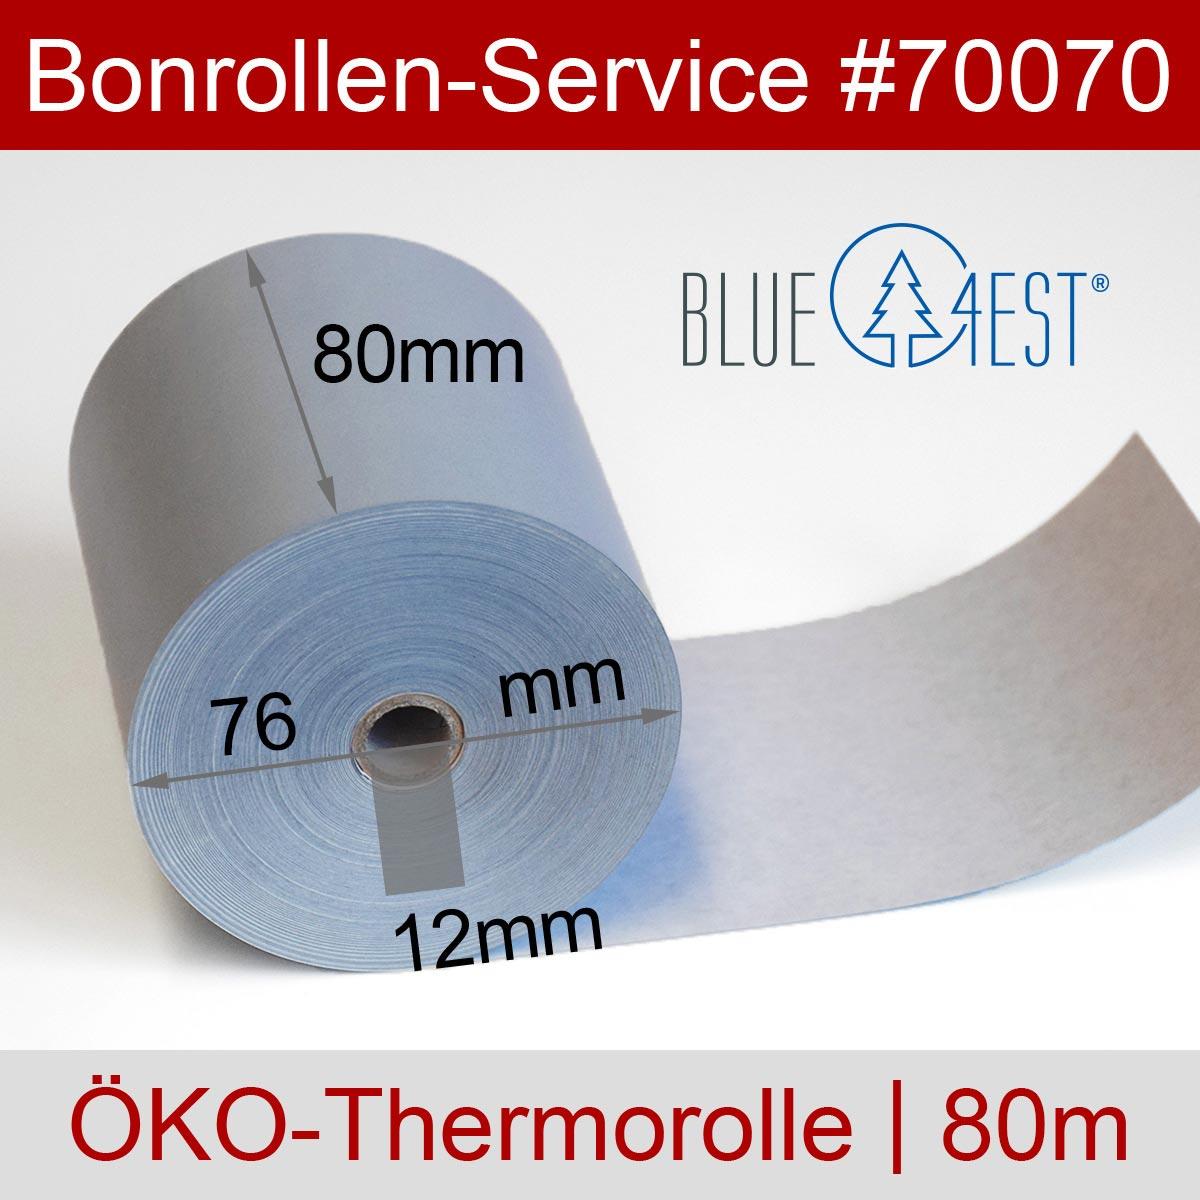 Thermorollen Blue4est 80 / 80 / 12 blau - Detailansicht